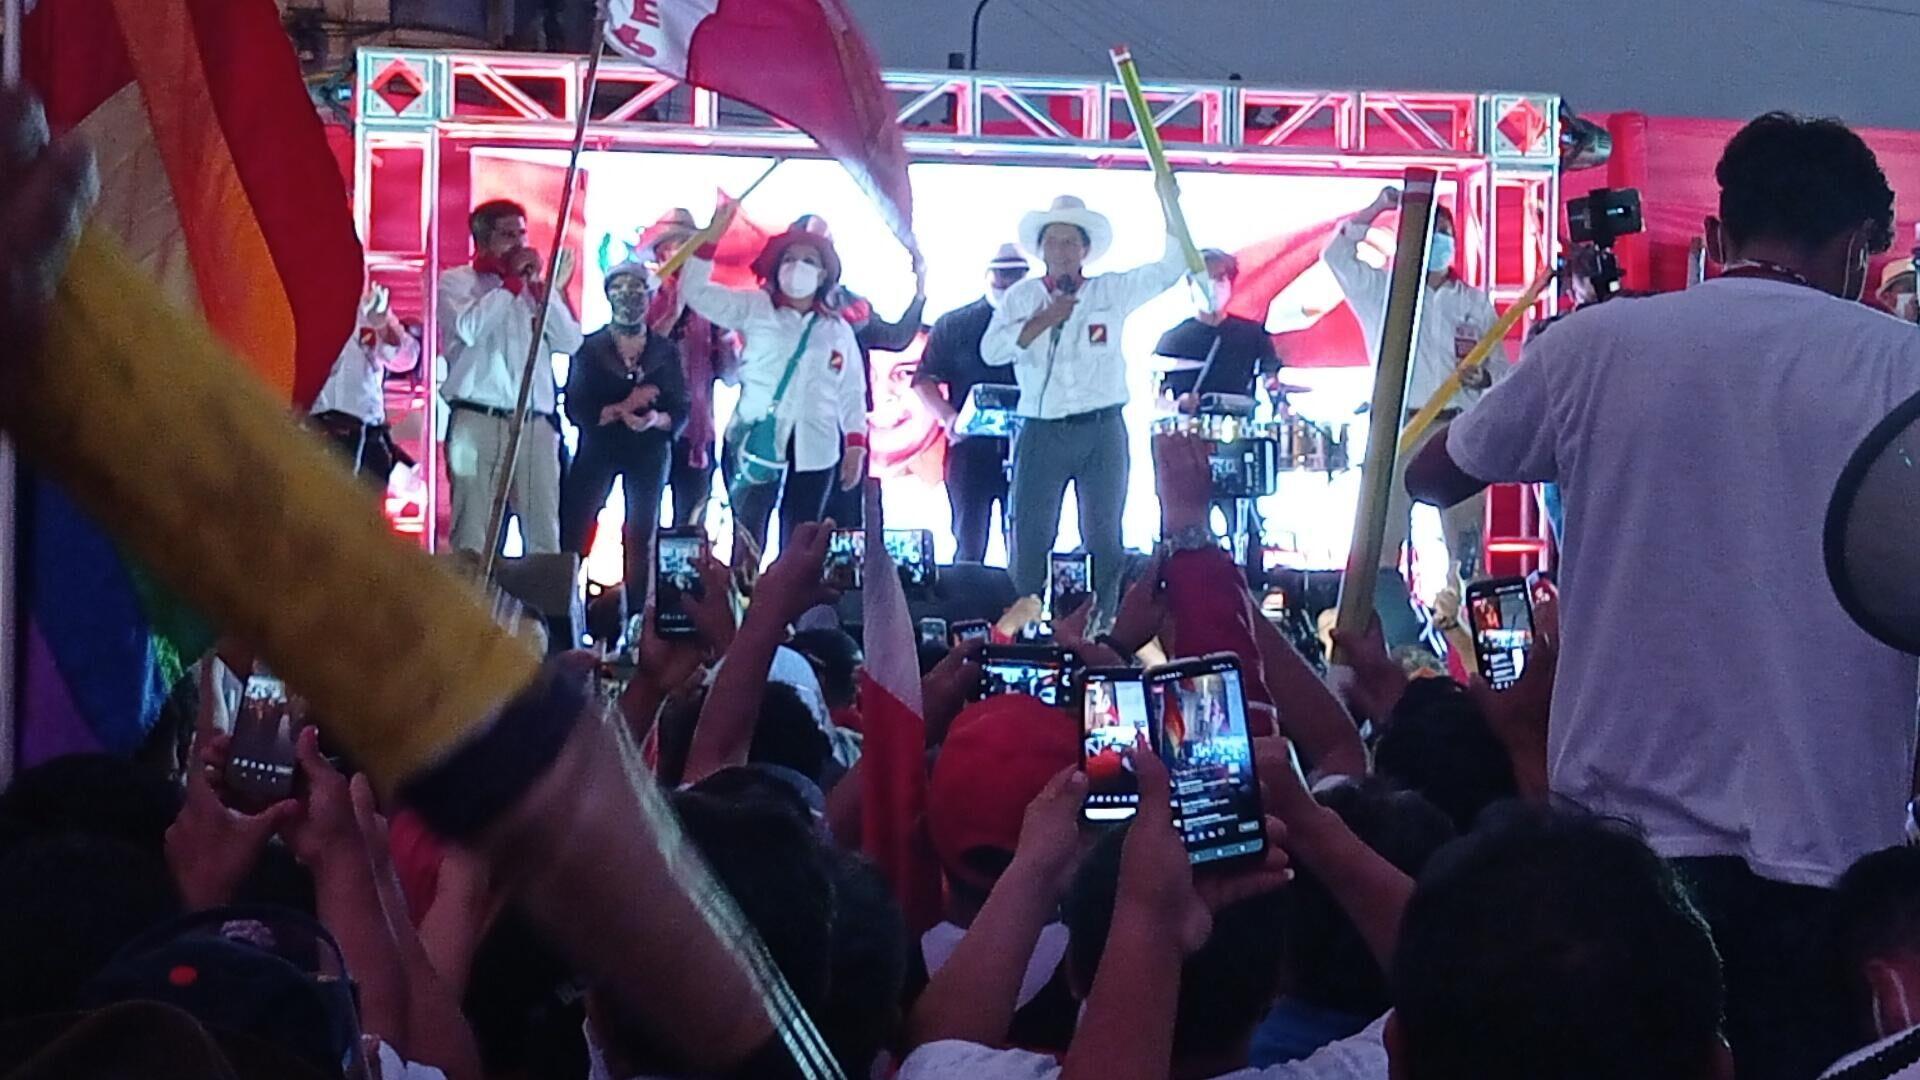 Acto de cierre de campaña de Pedro Castillo, candidato presidencial por Perú Libre - Sputnik Mundo, 1920, 10.04.2021